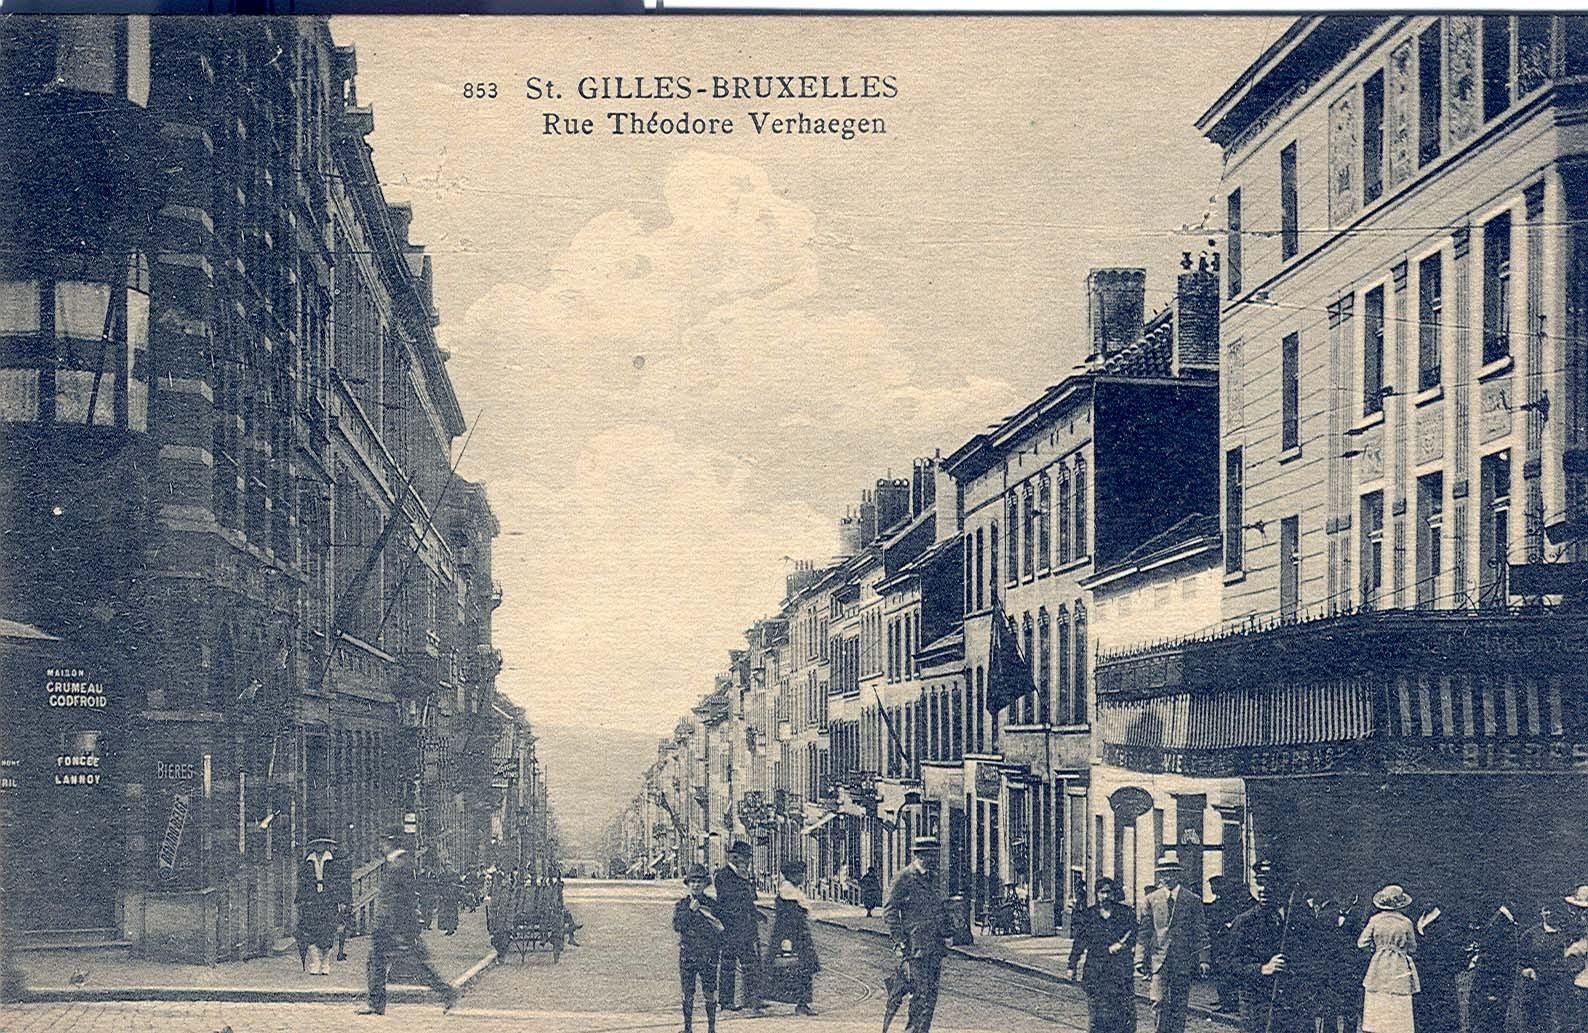 Rue Théodore Verhaegen, vue depuis la Barrière (Collection de Dexia Banque, s.d.).